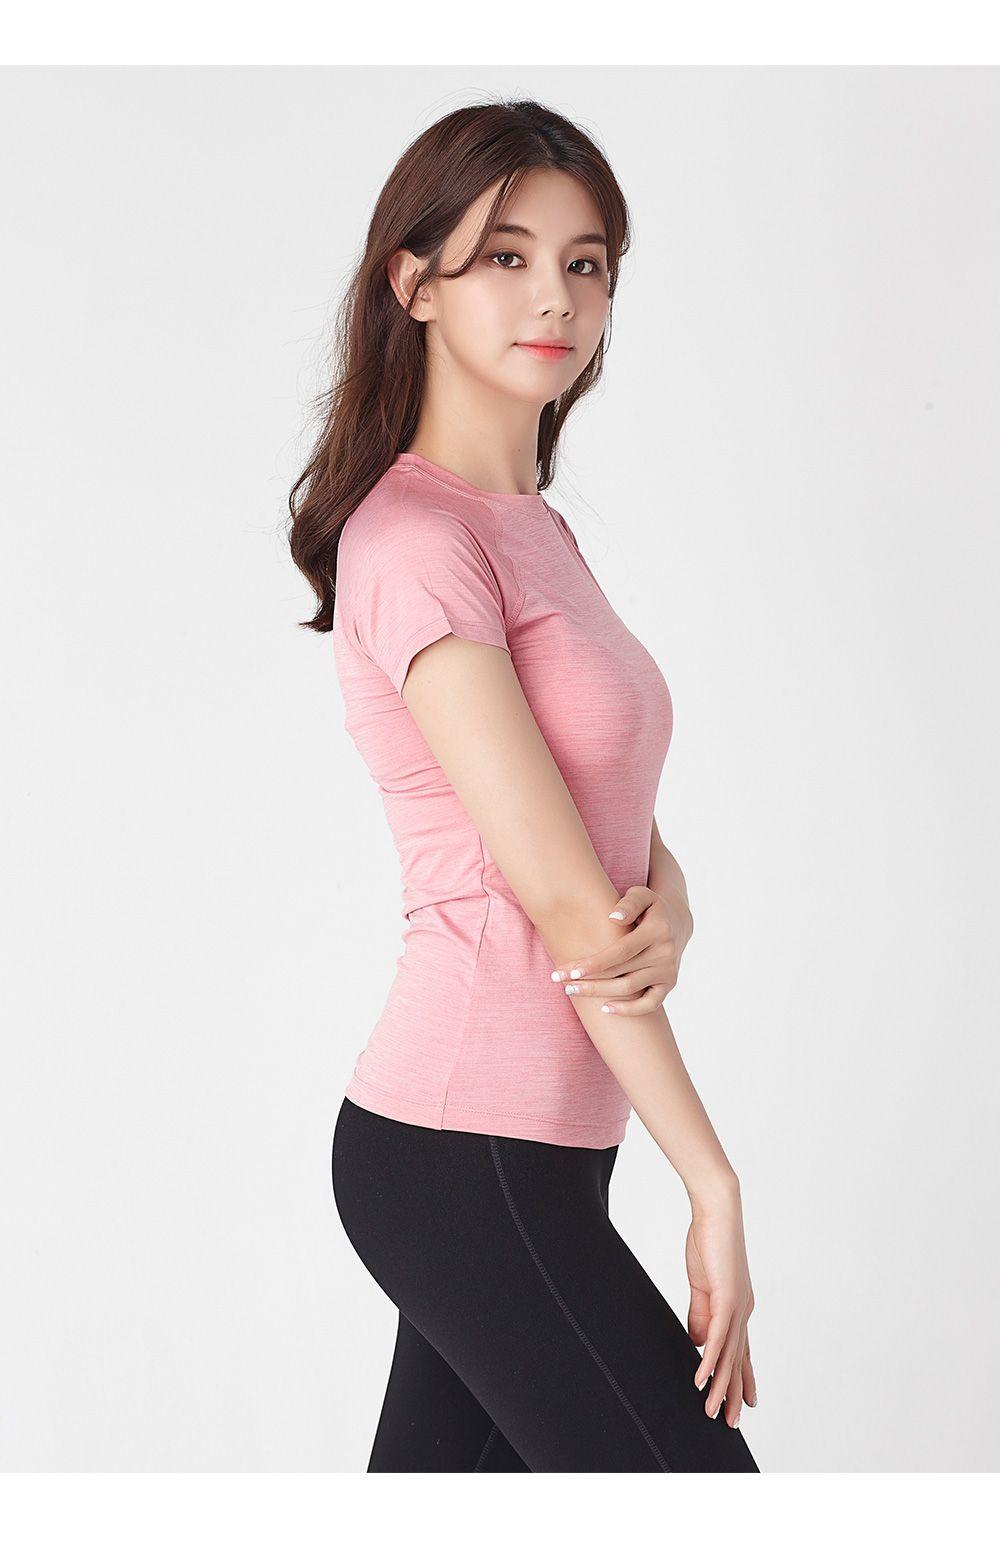 263CE94656E569970AEE3F (945×1351) | 여자 패션, 아름다운 아시아 소녀